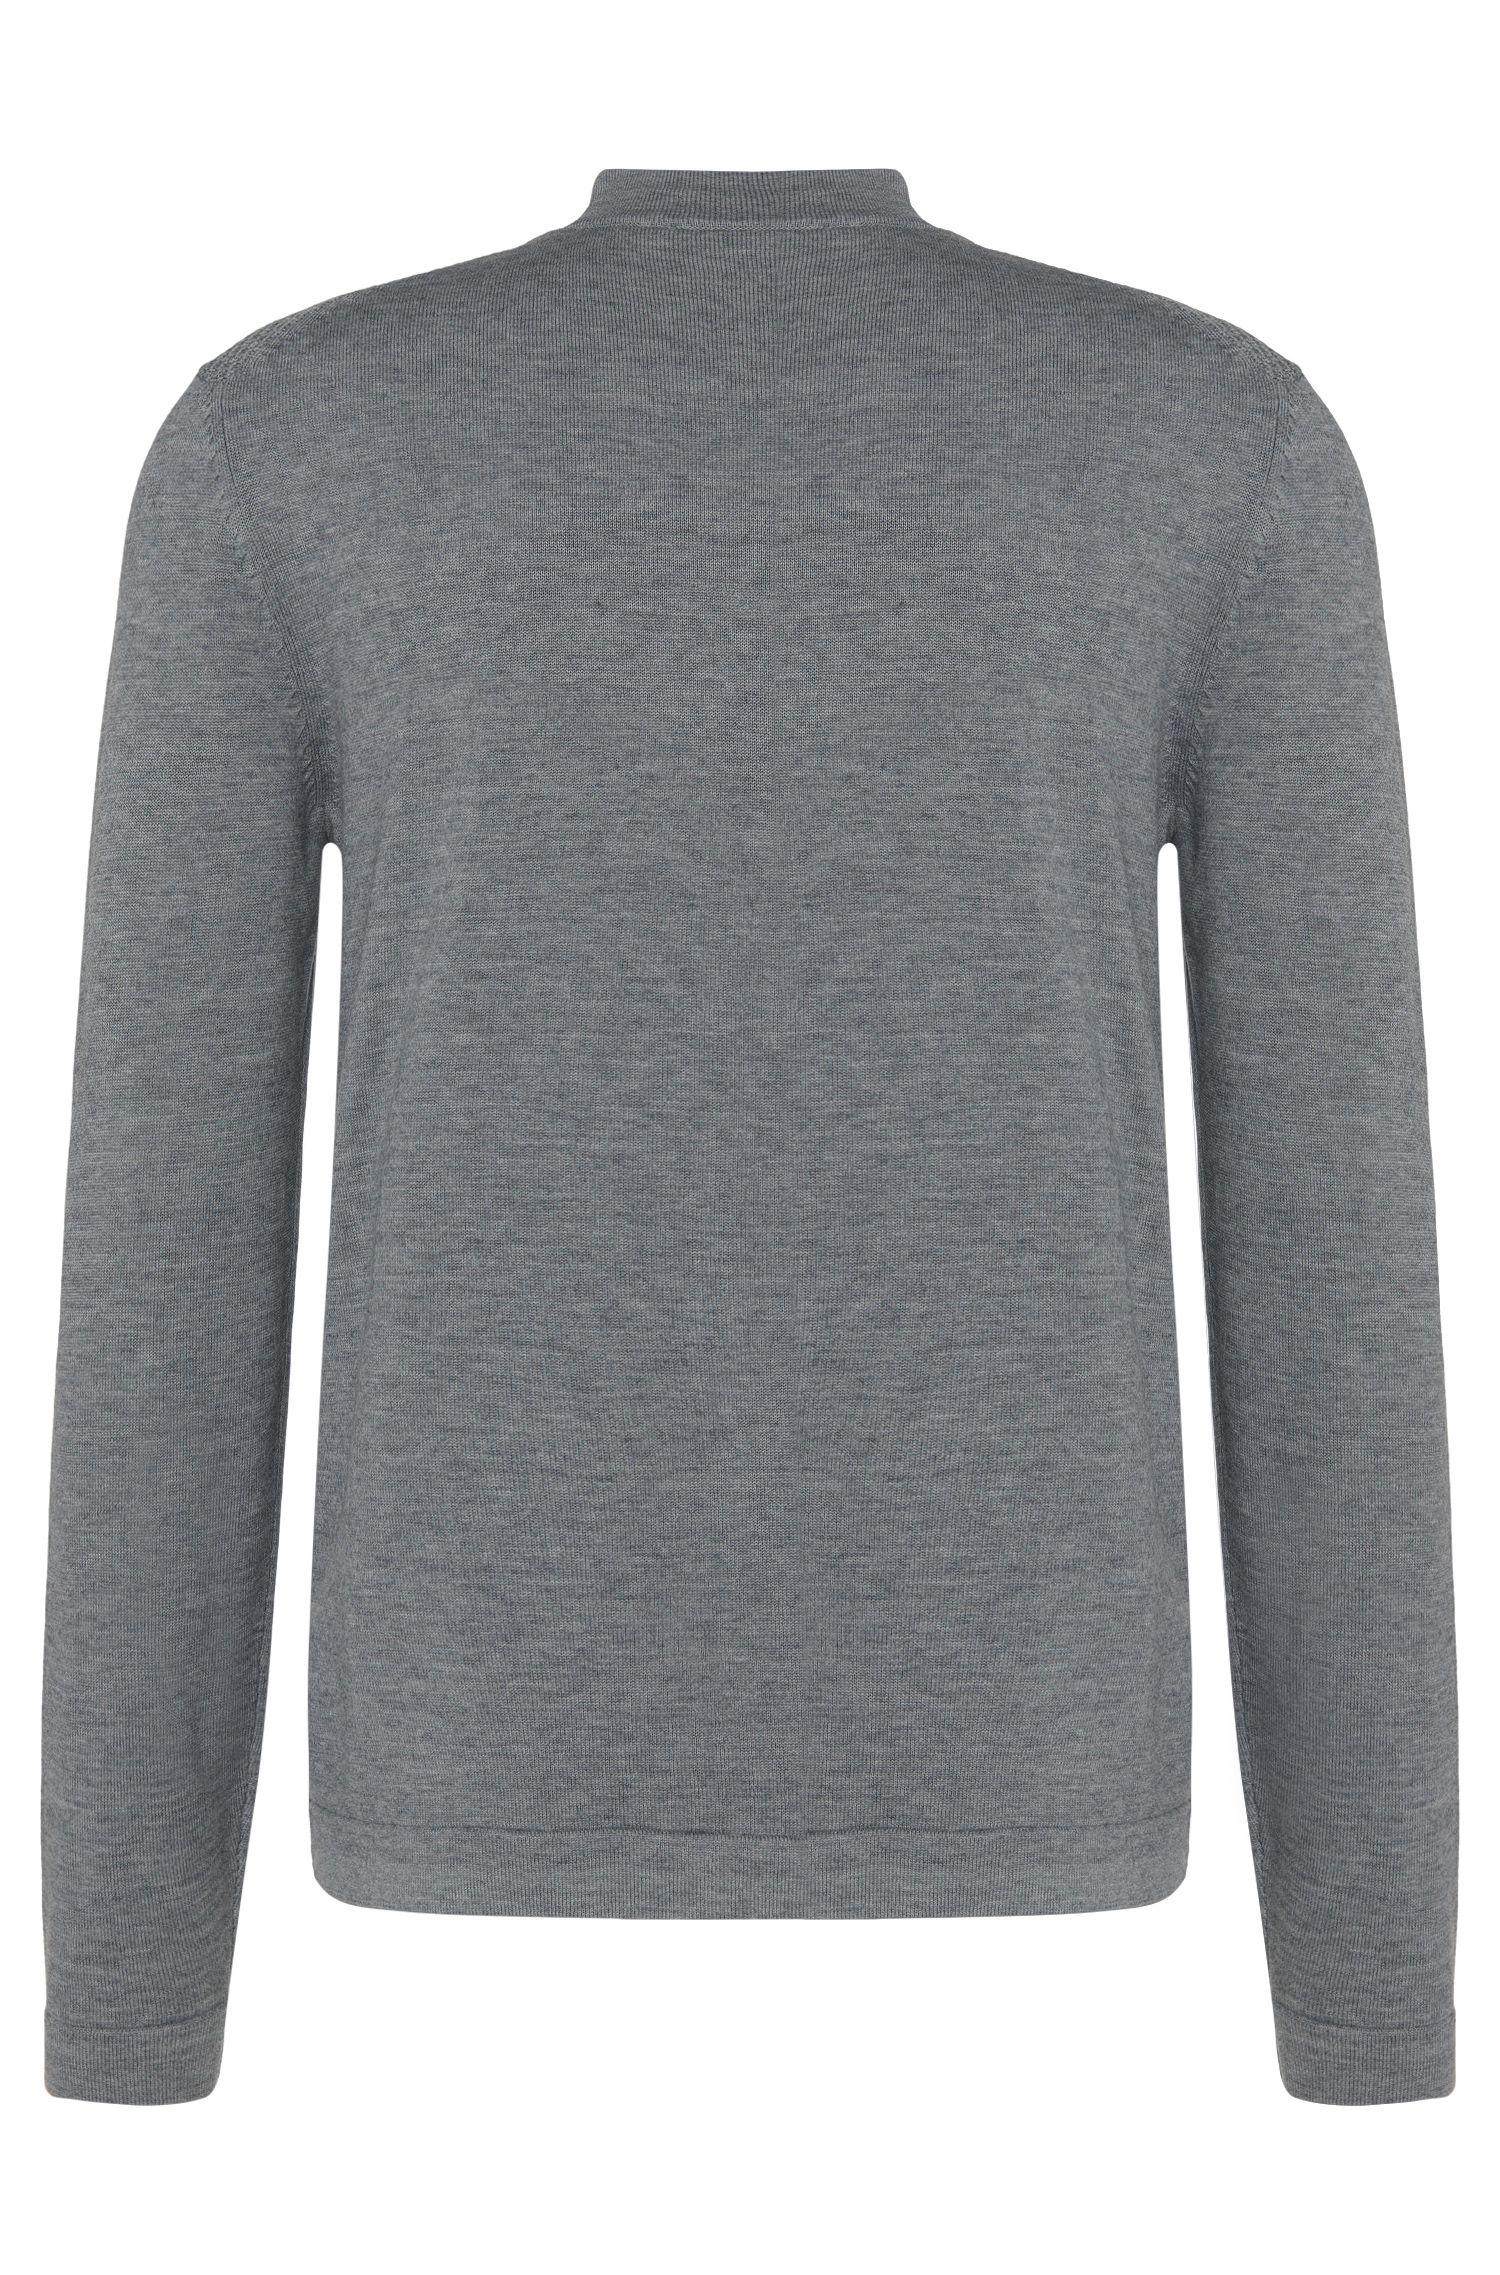 Regular-Fit Pullover aus Baumwoll-Mix mit kurzem Stehkragen: 'Henderson'